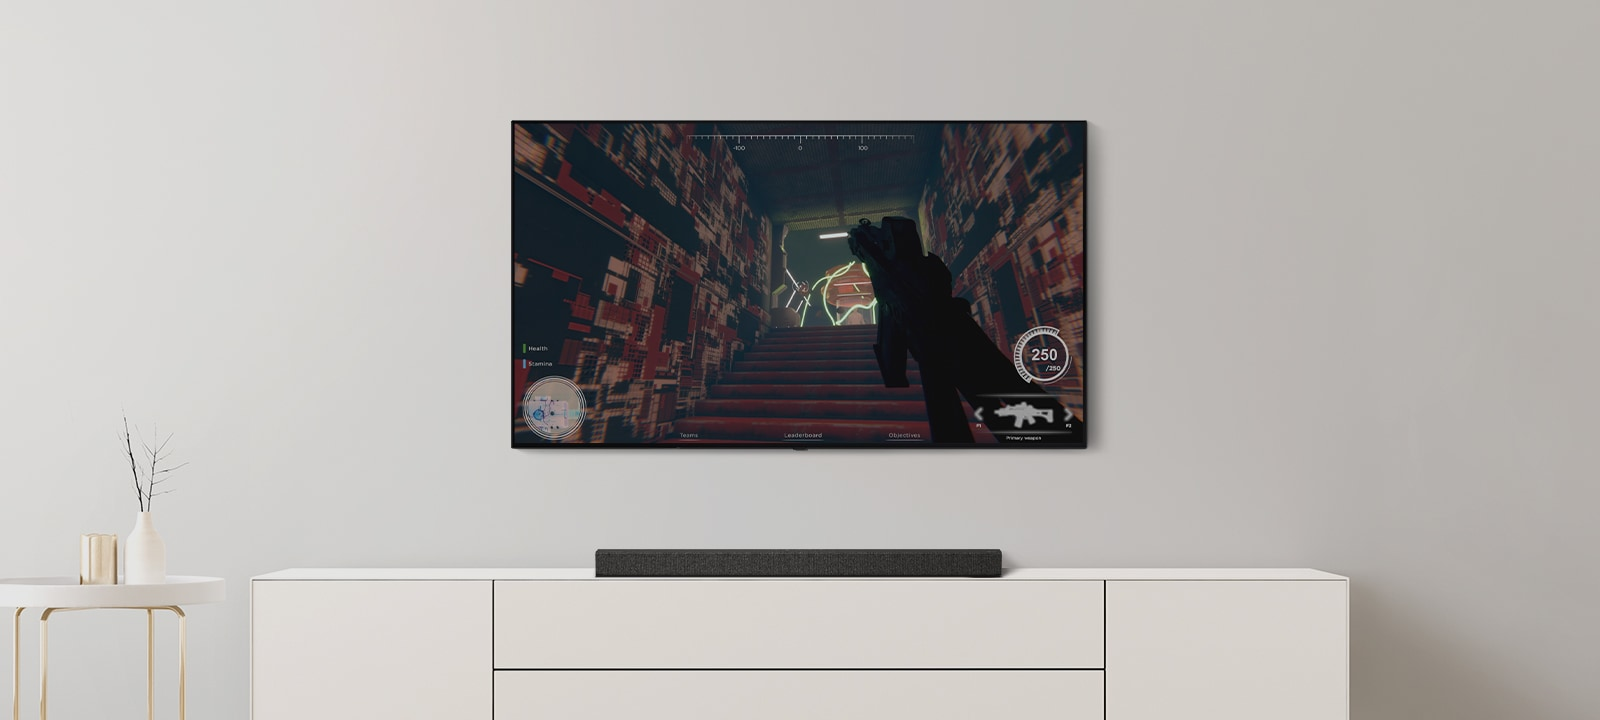 TV và loa Soundbar trong phòng khách. Trò chơi FPS trên màn hình TV và kênh truyền hình được chuyển sang trò chơi bóng đá. (phát video)